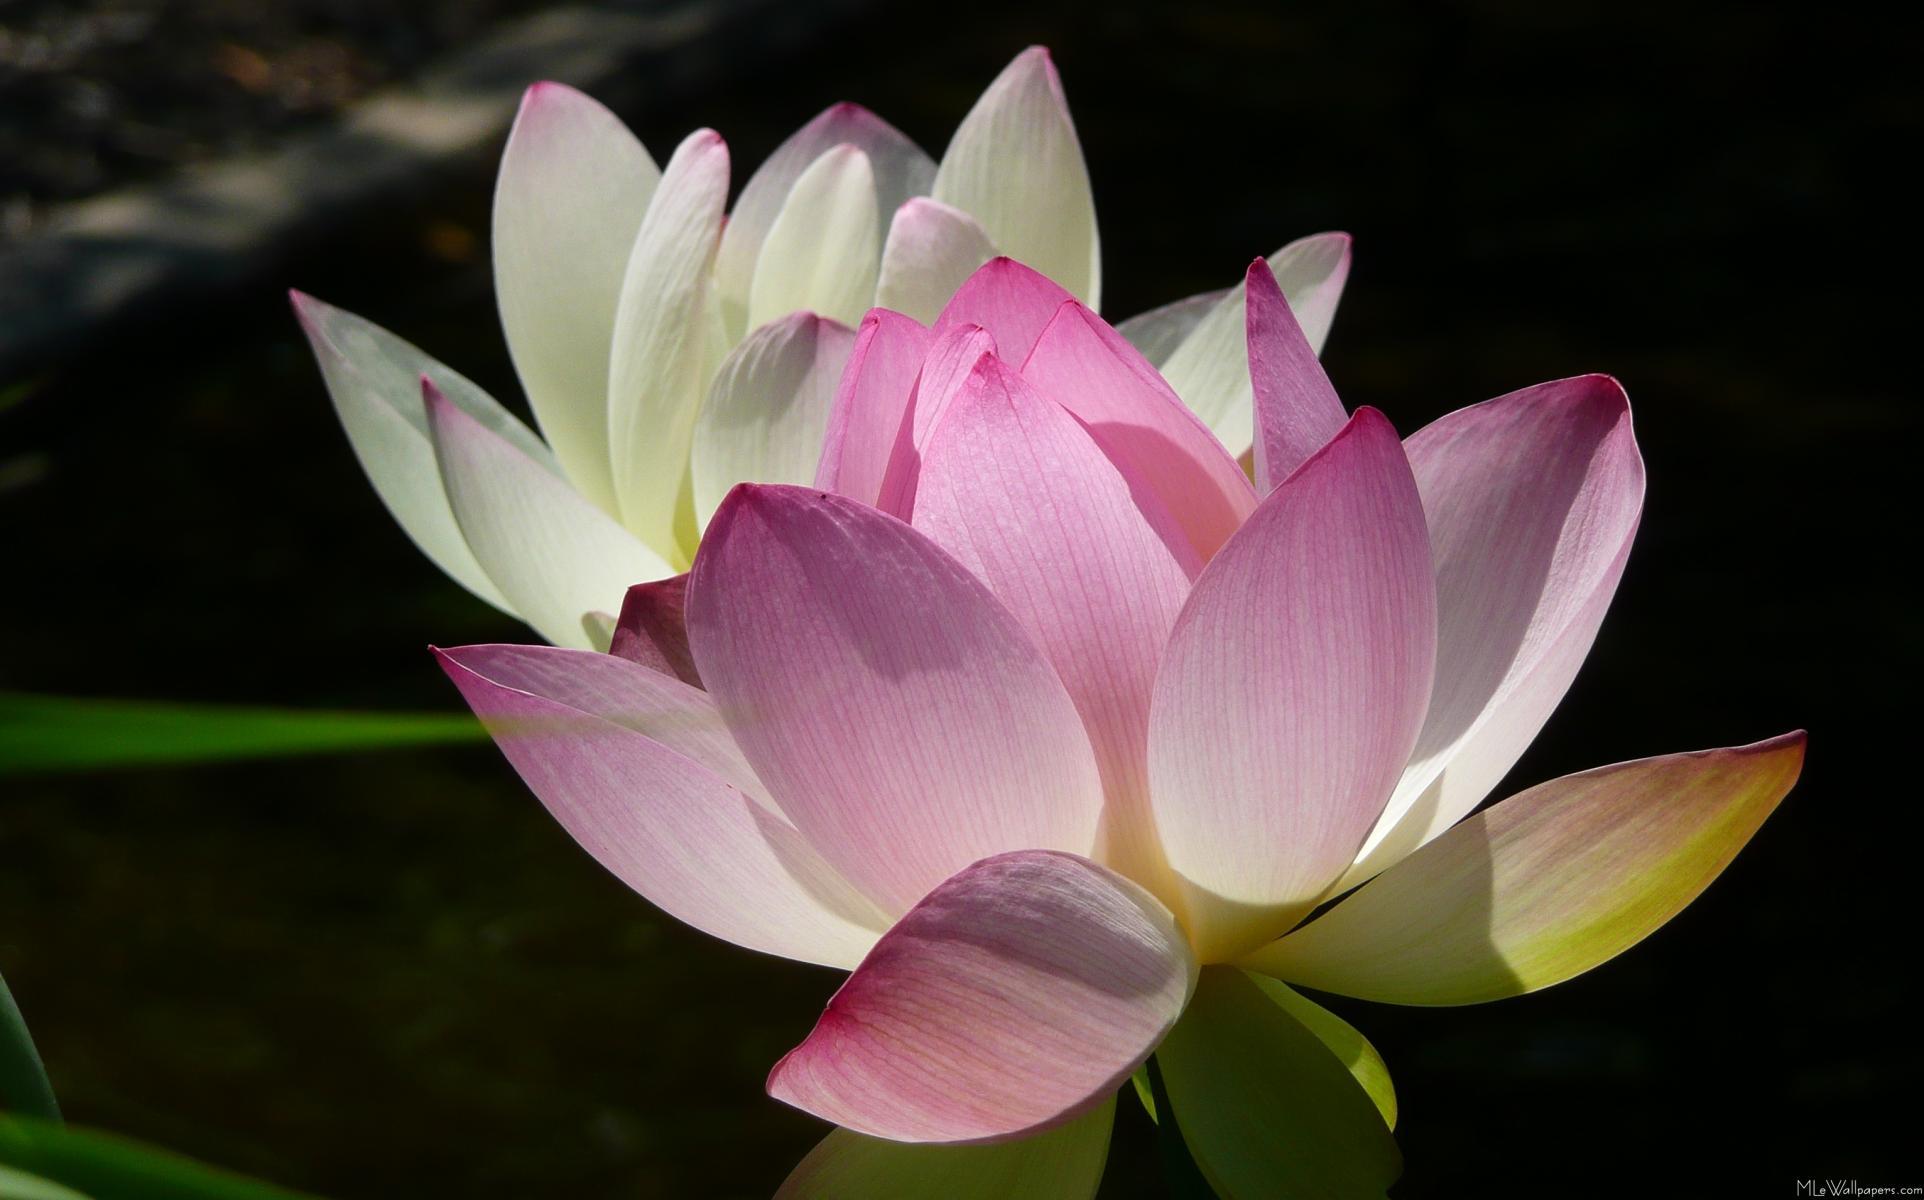 Mlewallpapers Pair Of Lotus Flowers Ii